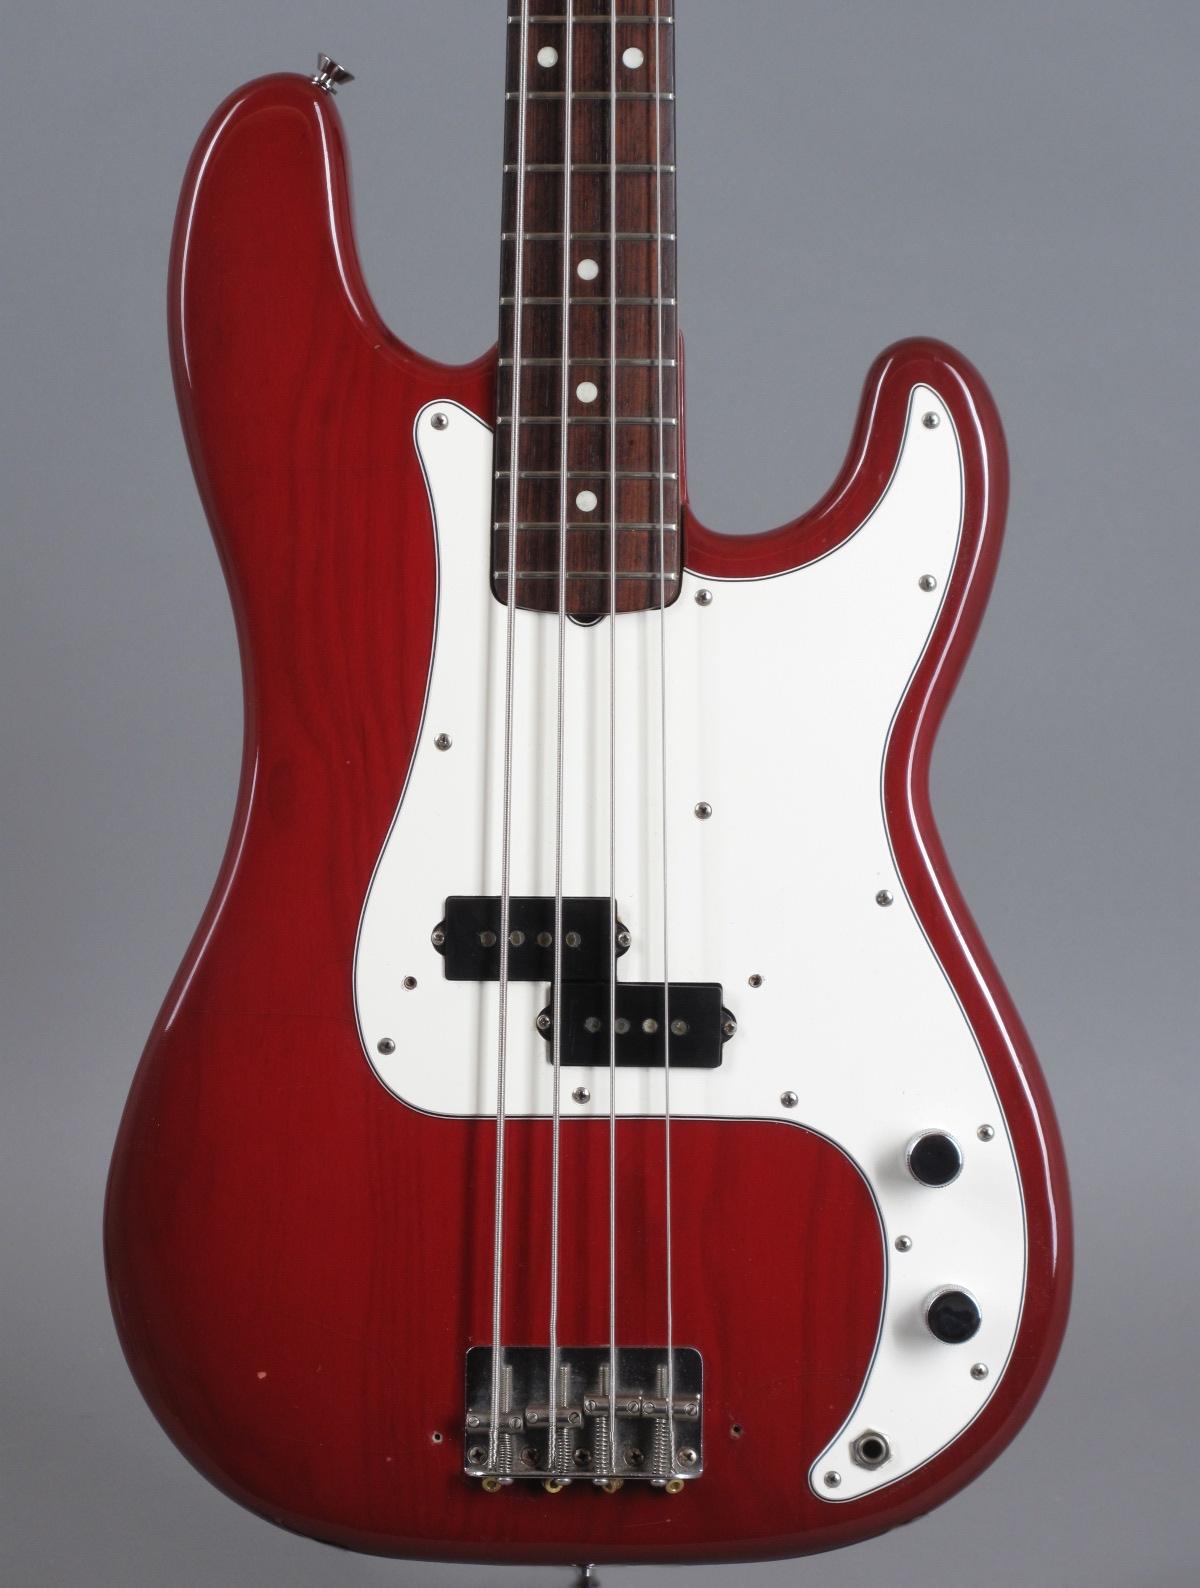 1981 Fender Precision - Translucent Red